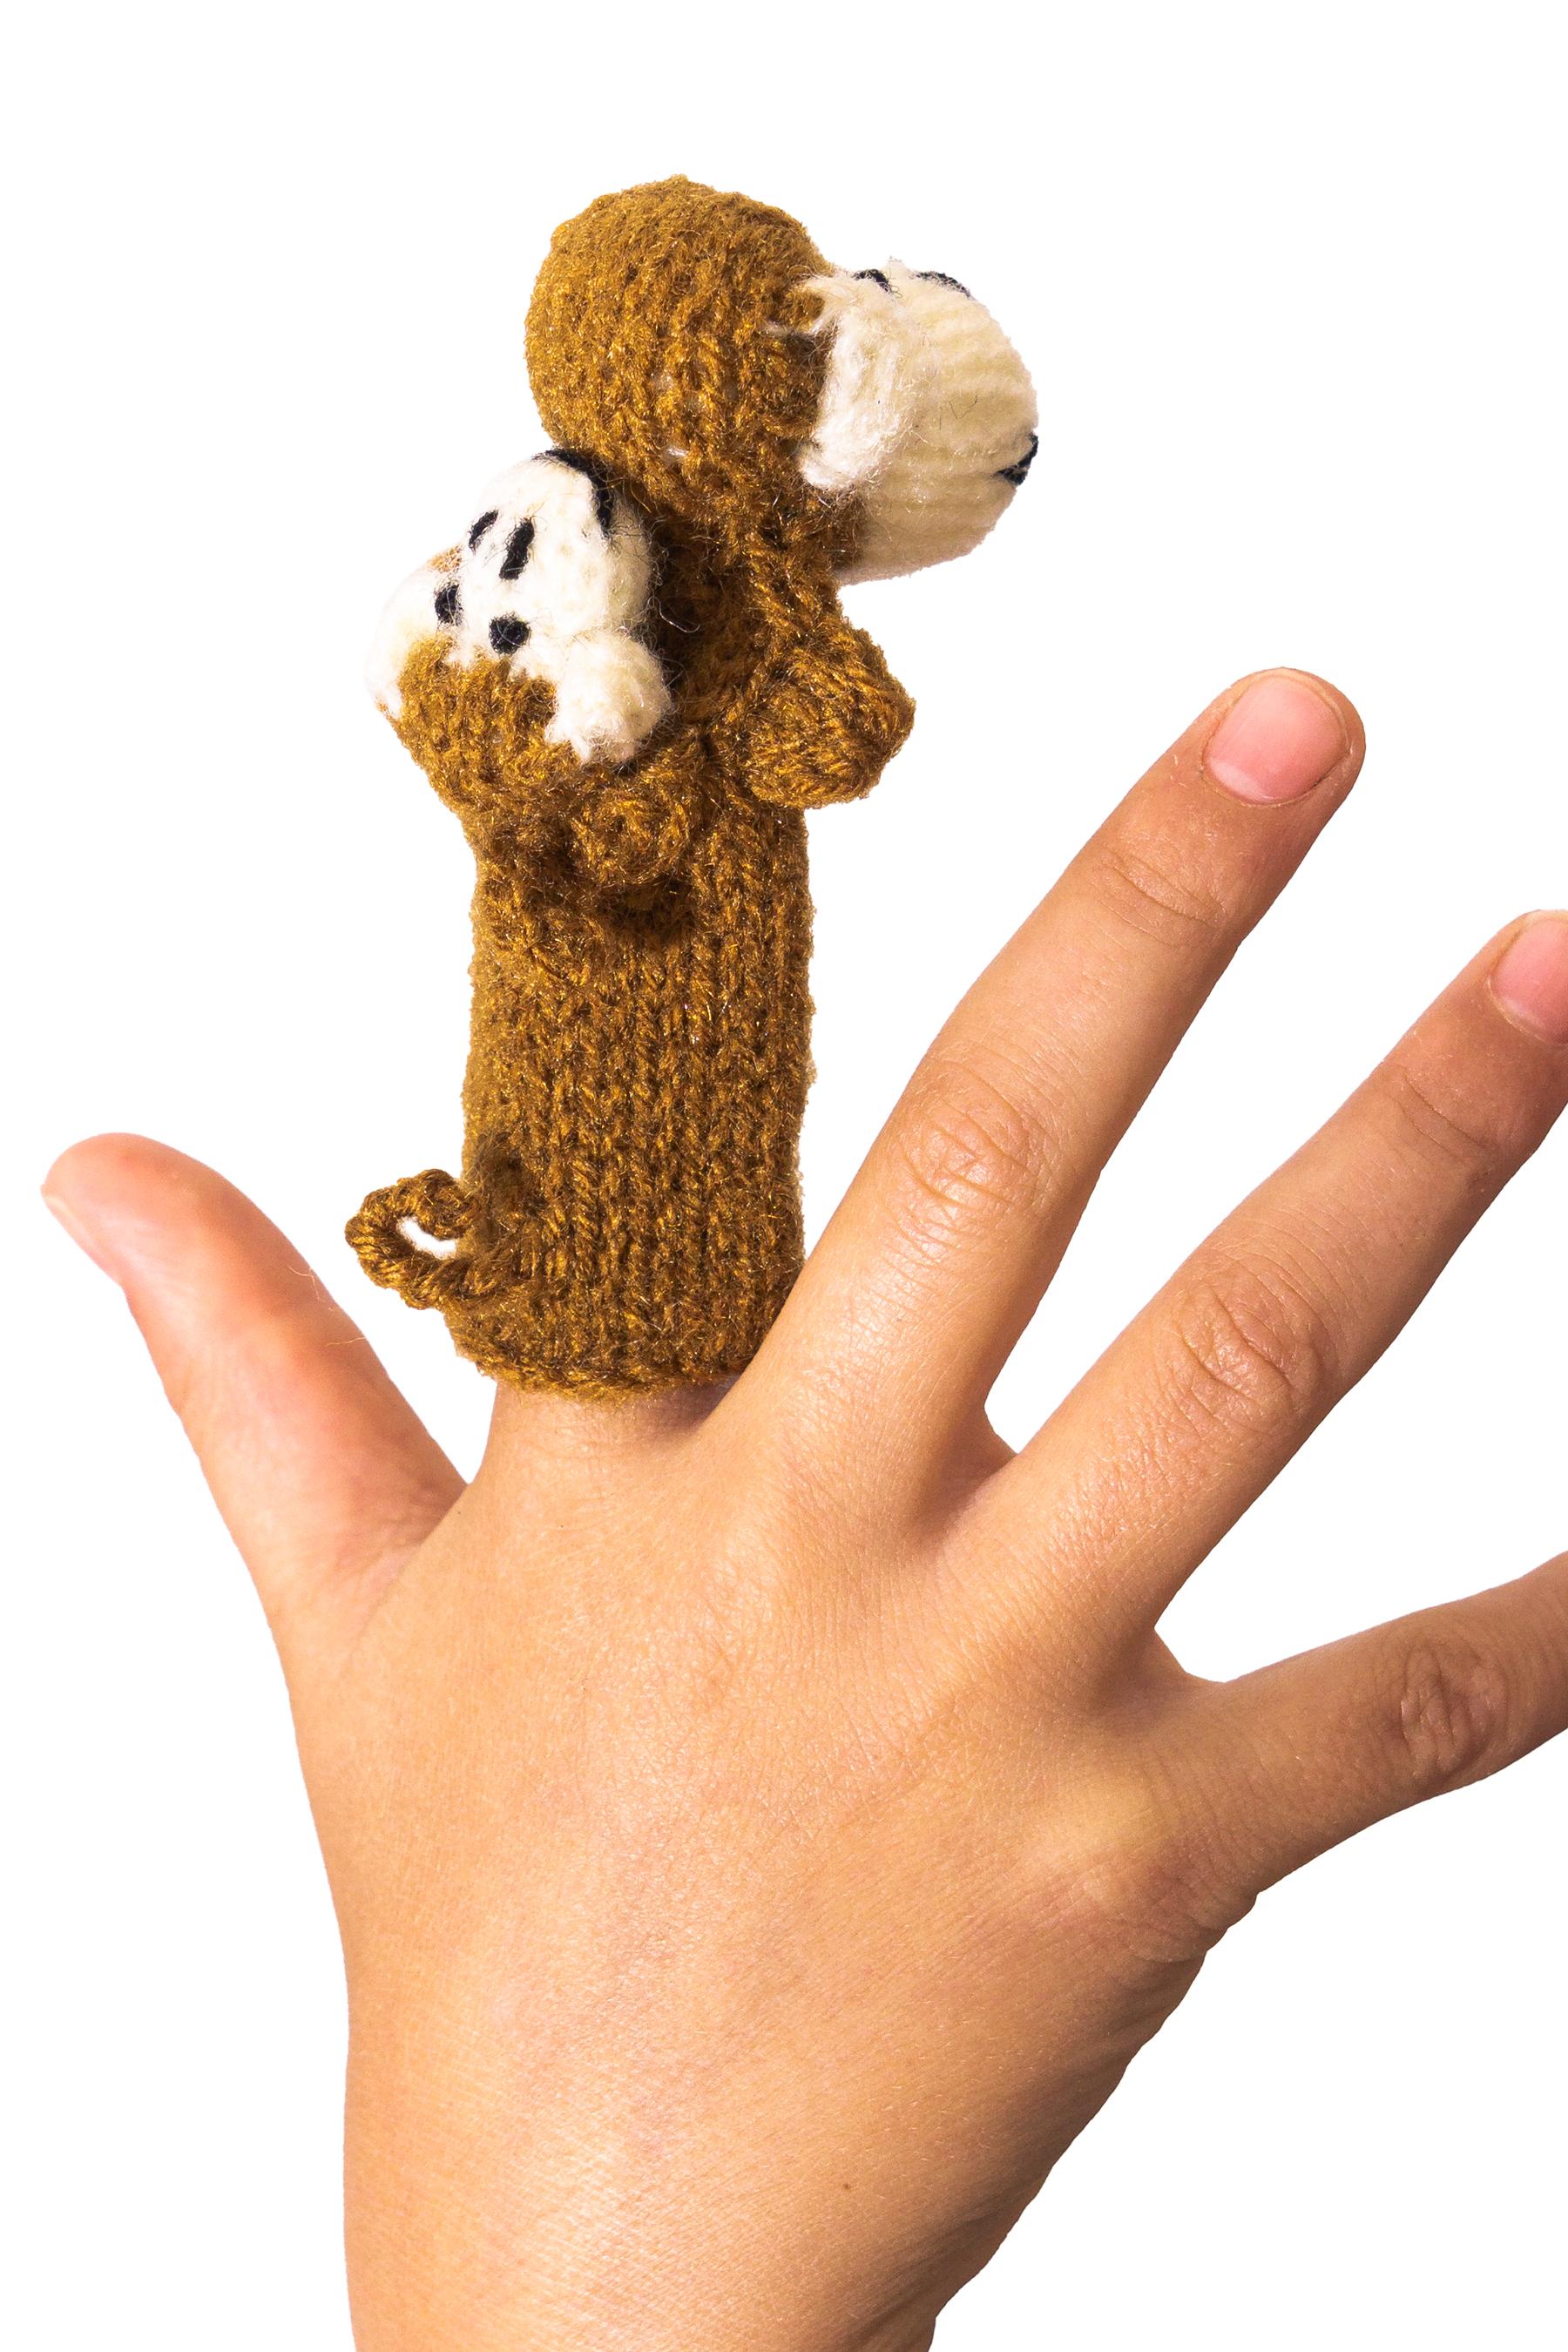 Fingerpuppen Tiere Stoff Handpuppe Kinder Baby Spielzeug